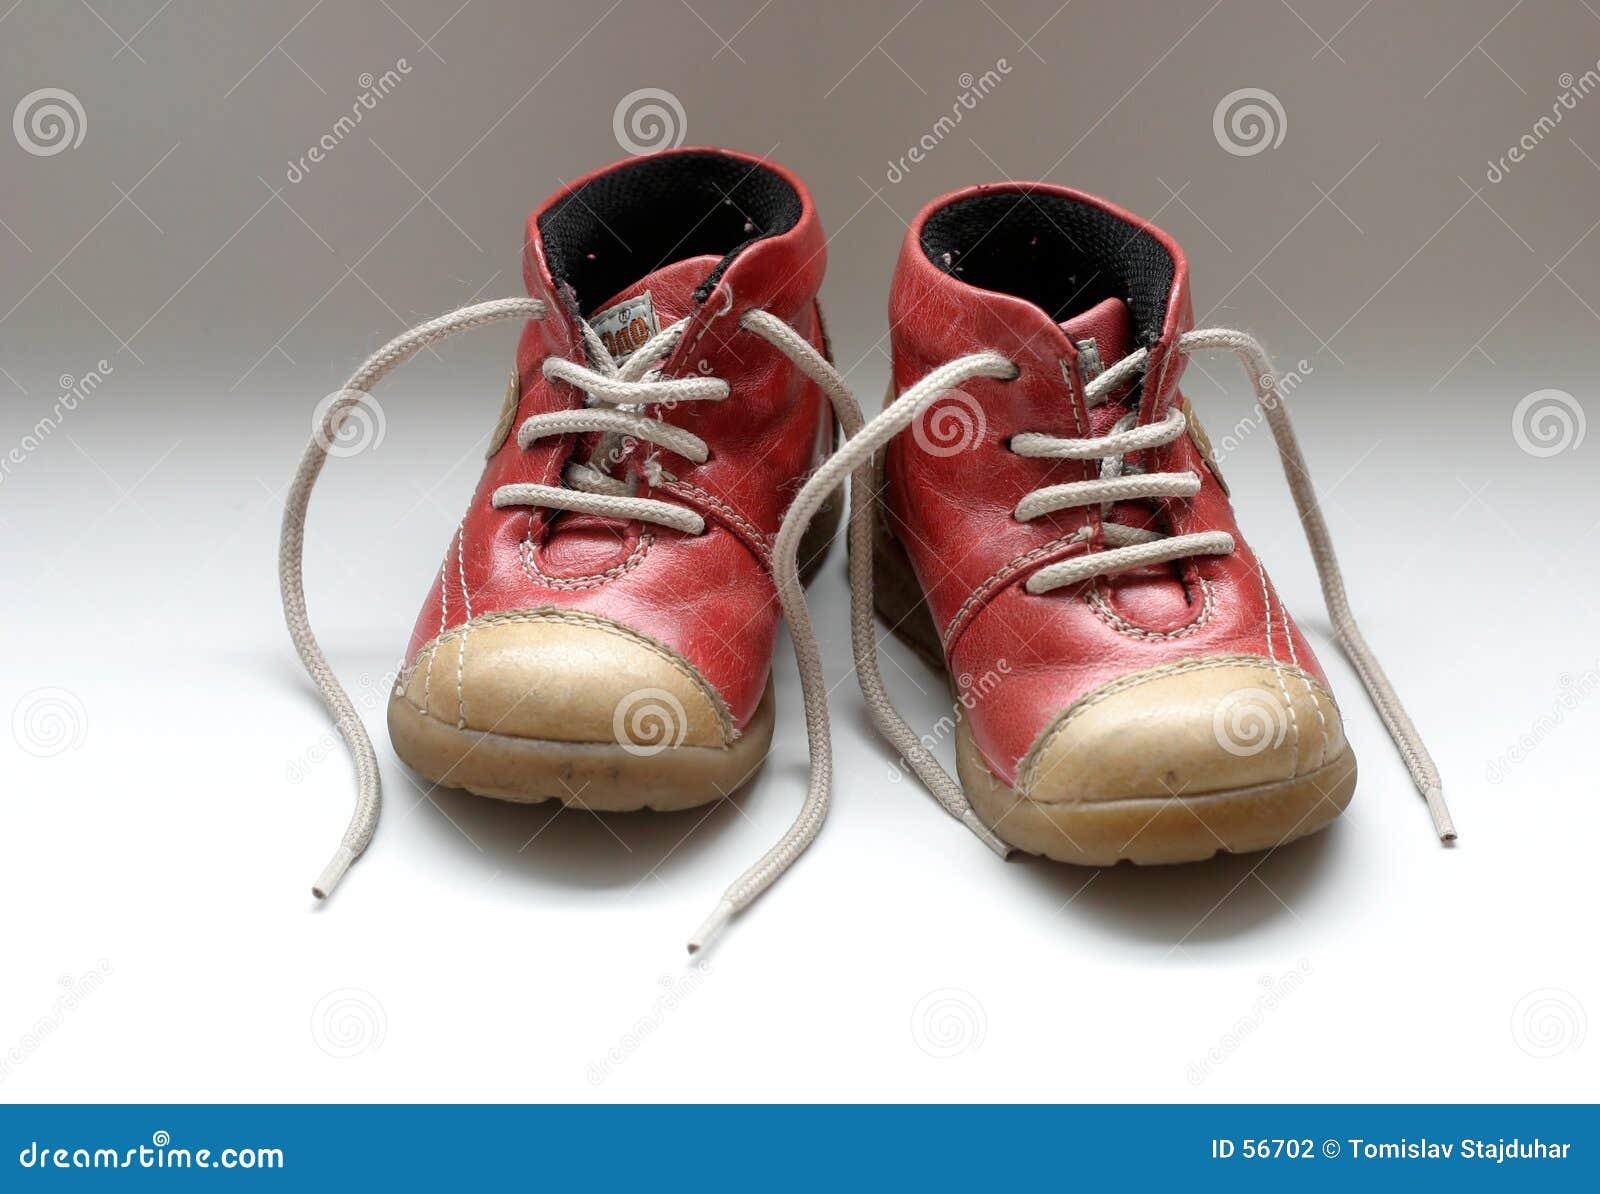 Download Chaussures de chéri photo stock. Image du garçon, nouveau - 56702